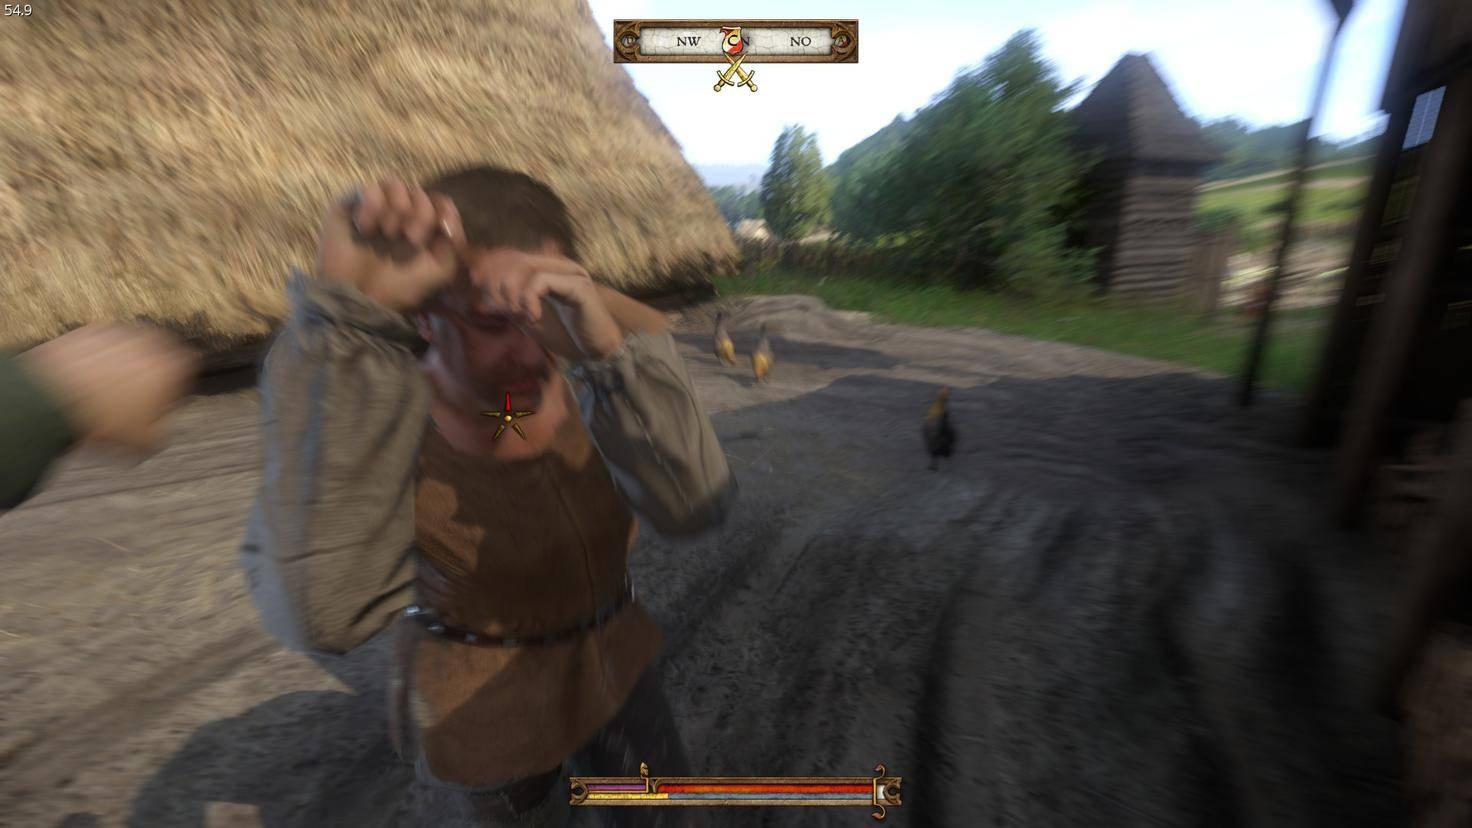 """Kämpfe sollte man in """"Kingdom Come: Deliverance"""" möglichst vermeiden. Heinrich kriegt hier in der Regel gehörig eins auf die Mütze – im Faustkampf genauso, ..."""